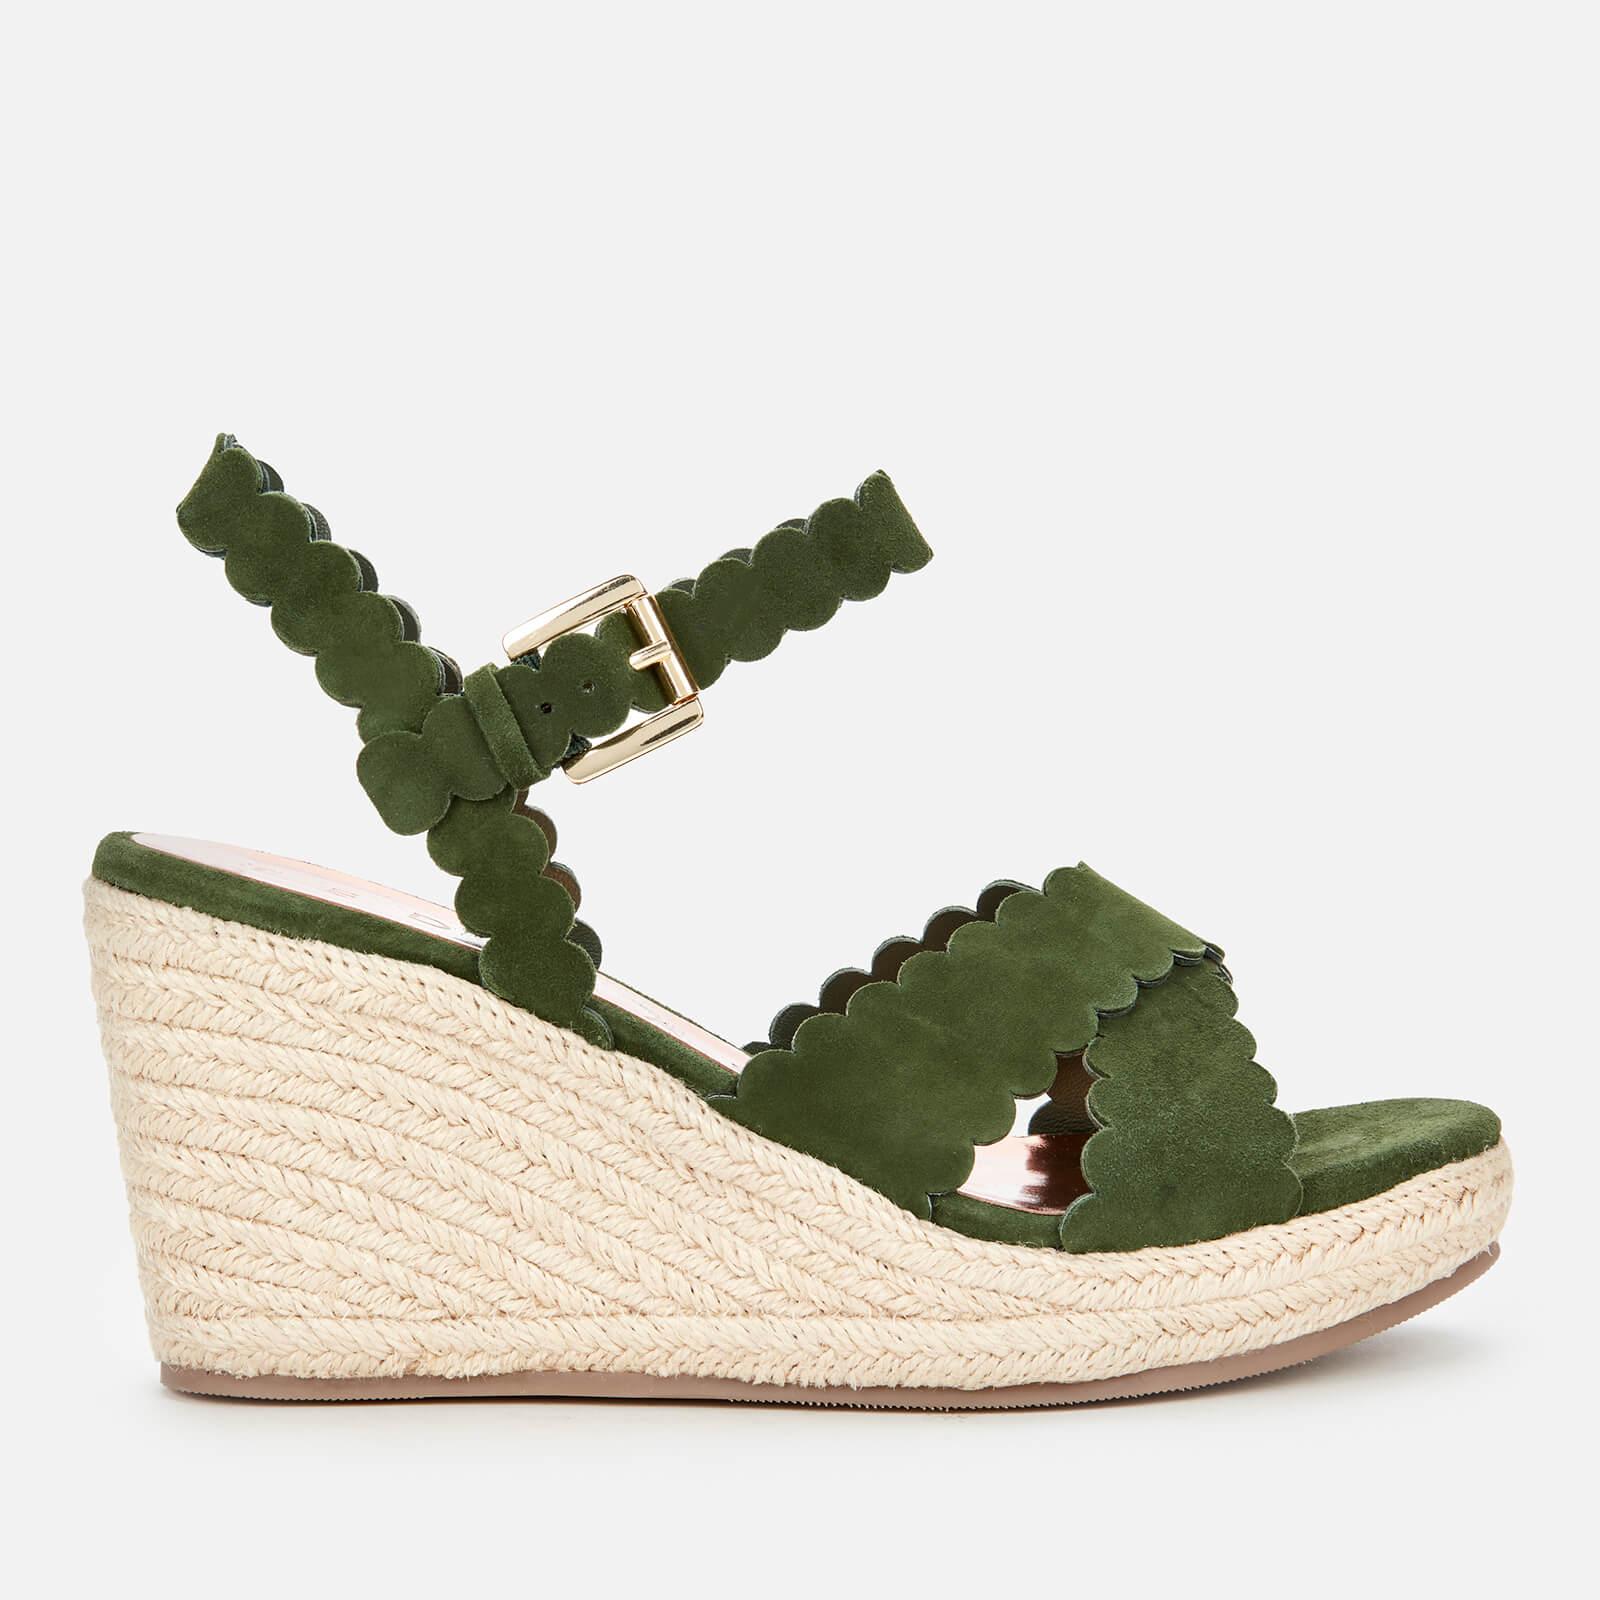 Ted Baker Women's Selanas Wedged Sandals - Khaki - UK 3